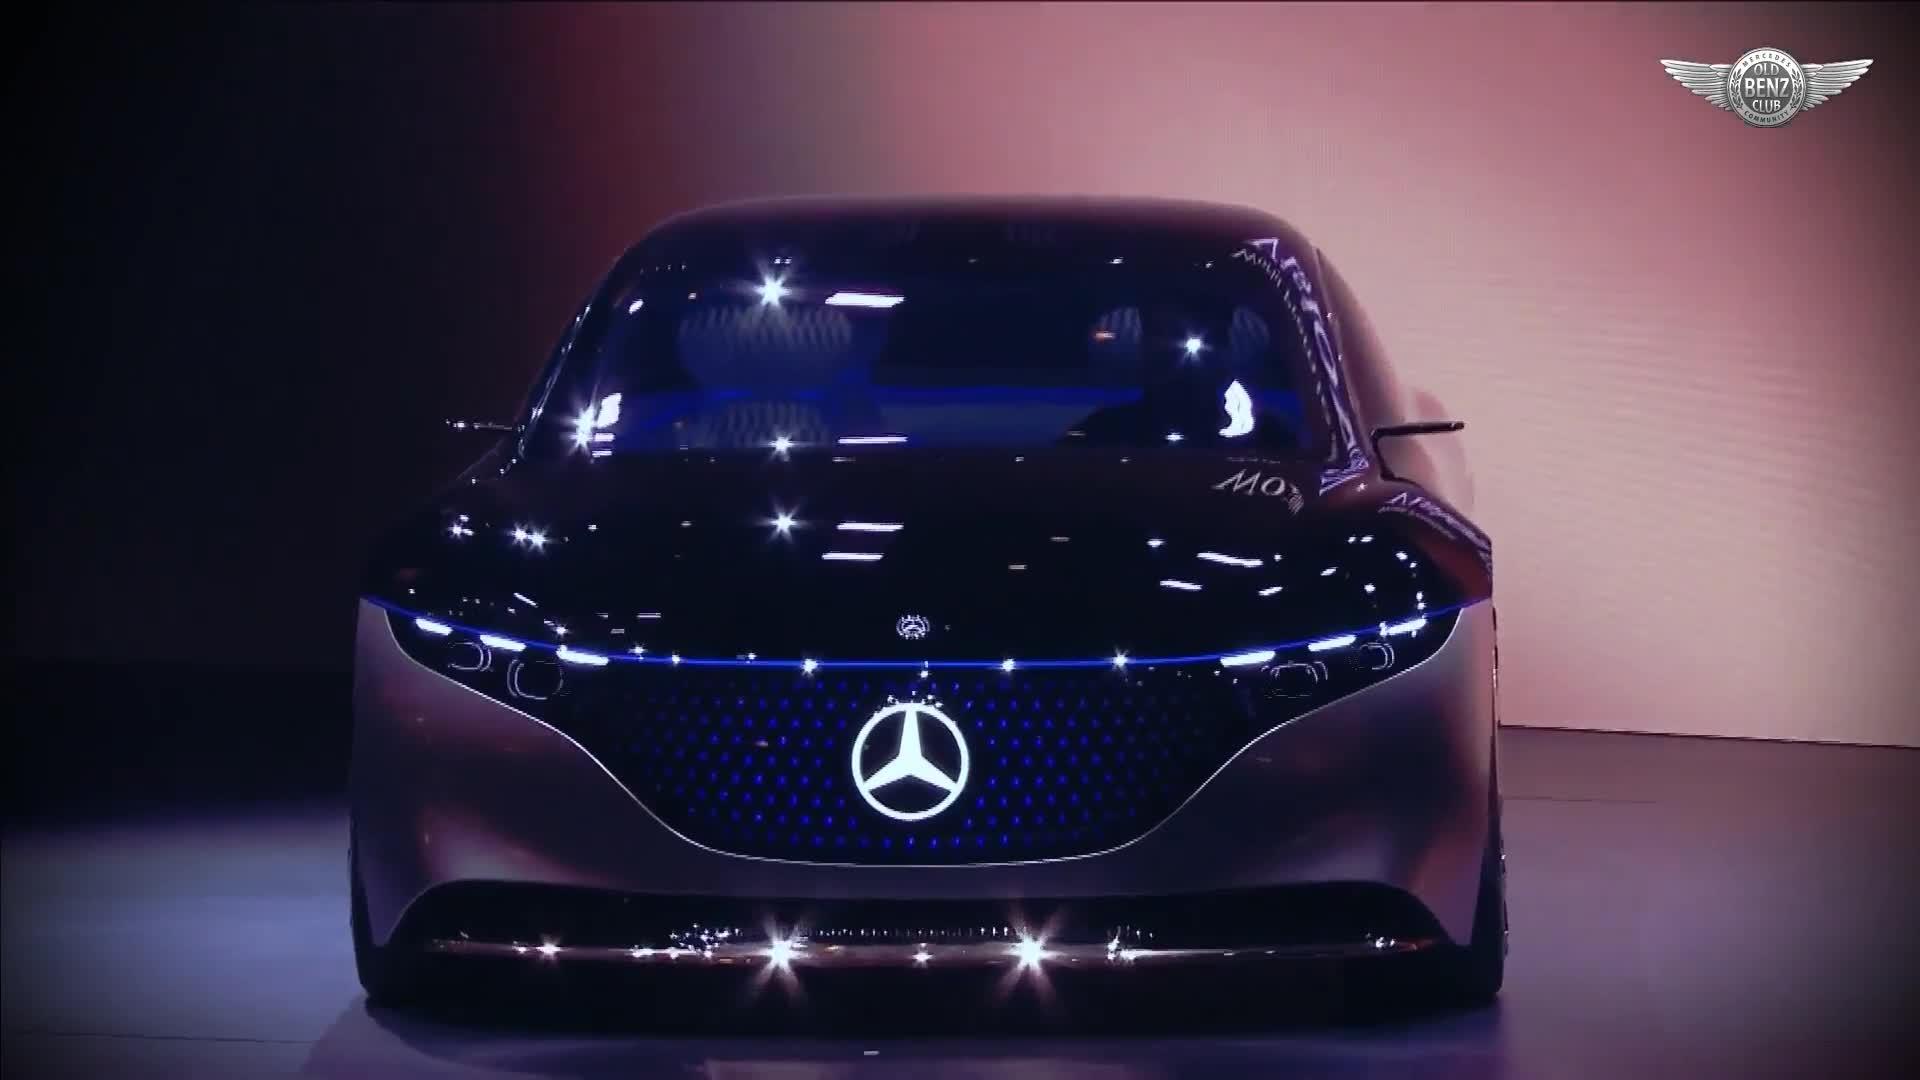 Ra mắt Mercedes-Benz EQS tại IAA 2019